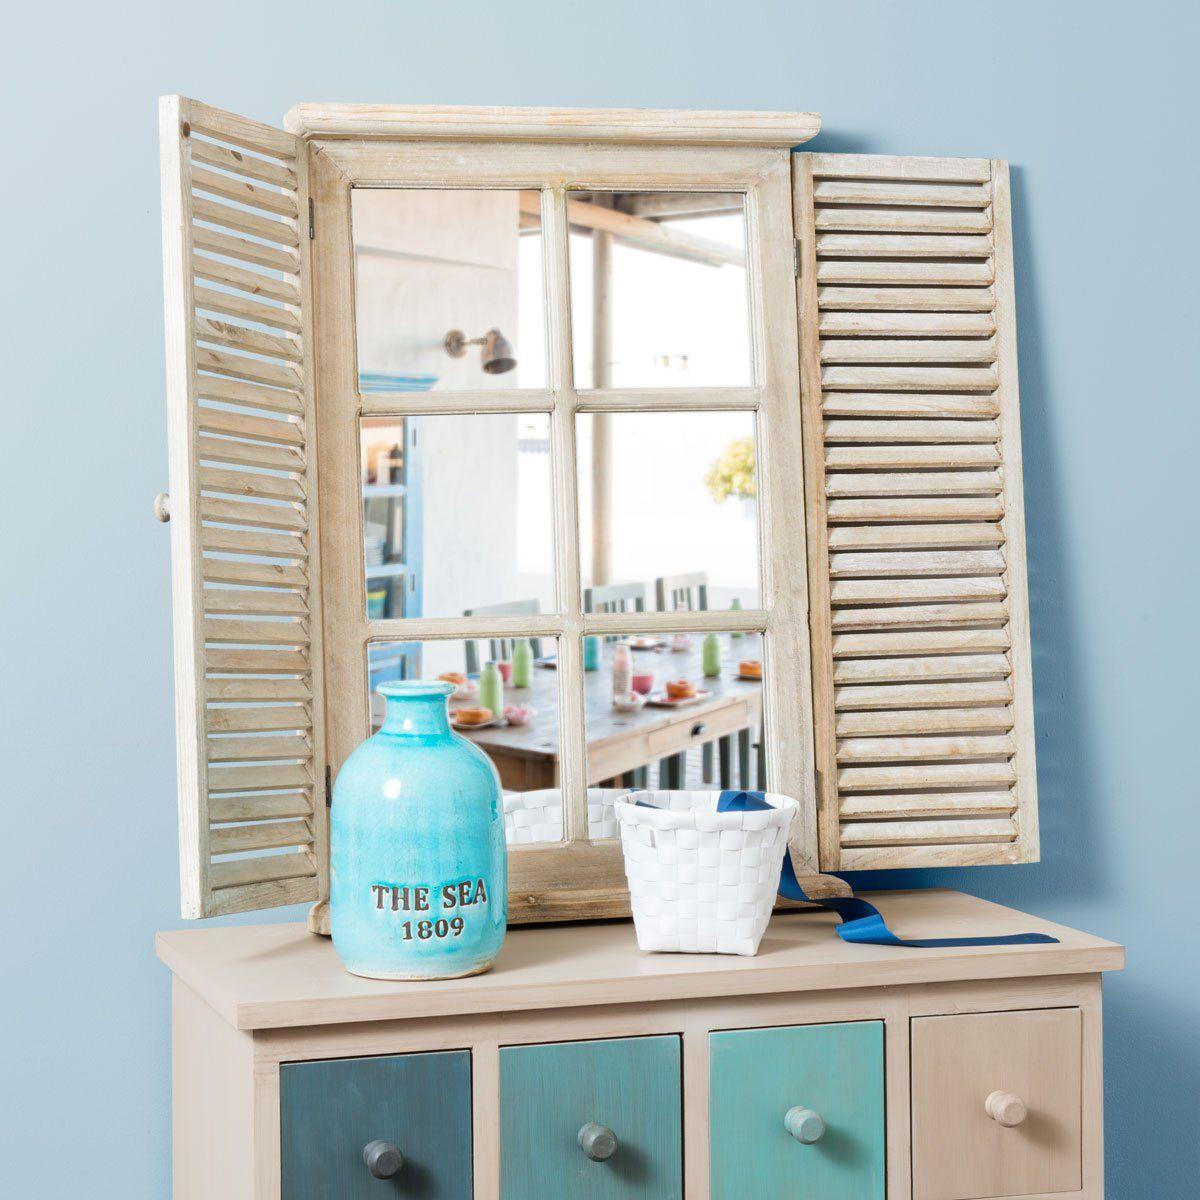 miroir fen tre maisons du monde 59 90 pour la chambre id es d 39 achats pinterest